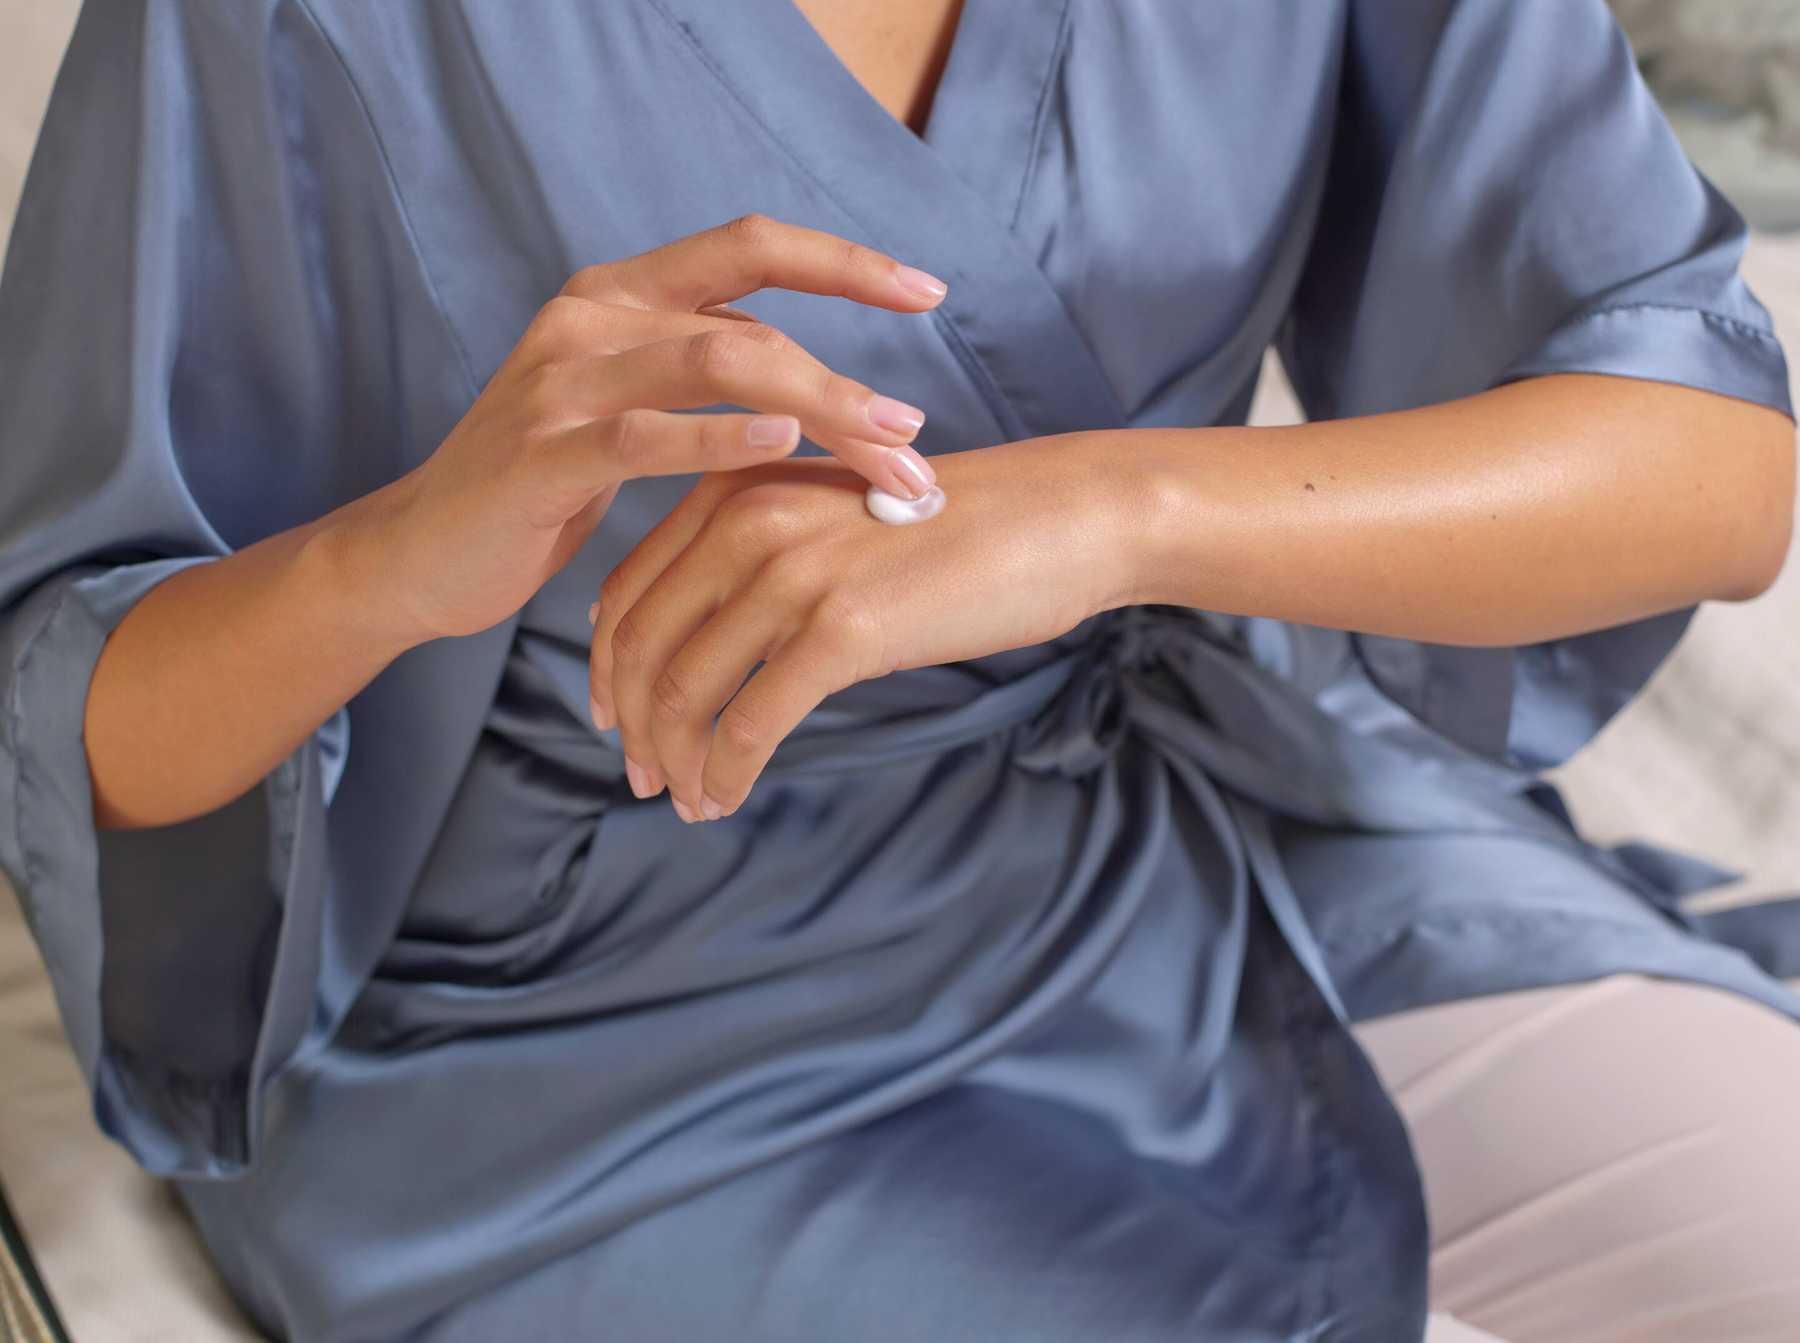 Hăm da là bệnh gì